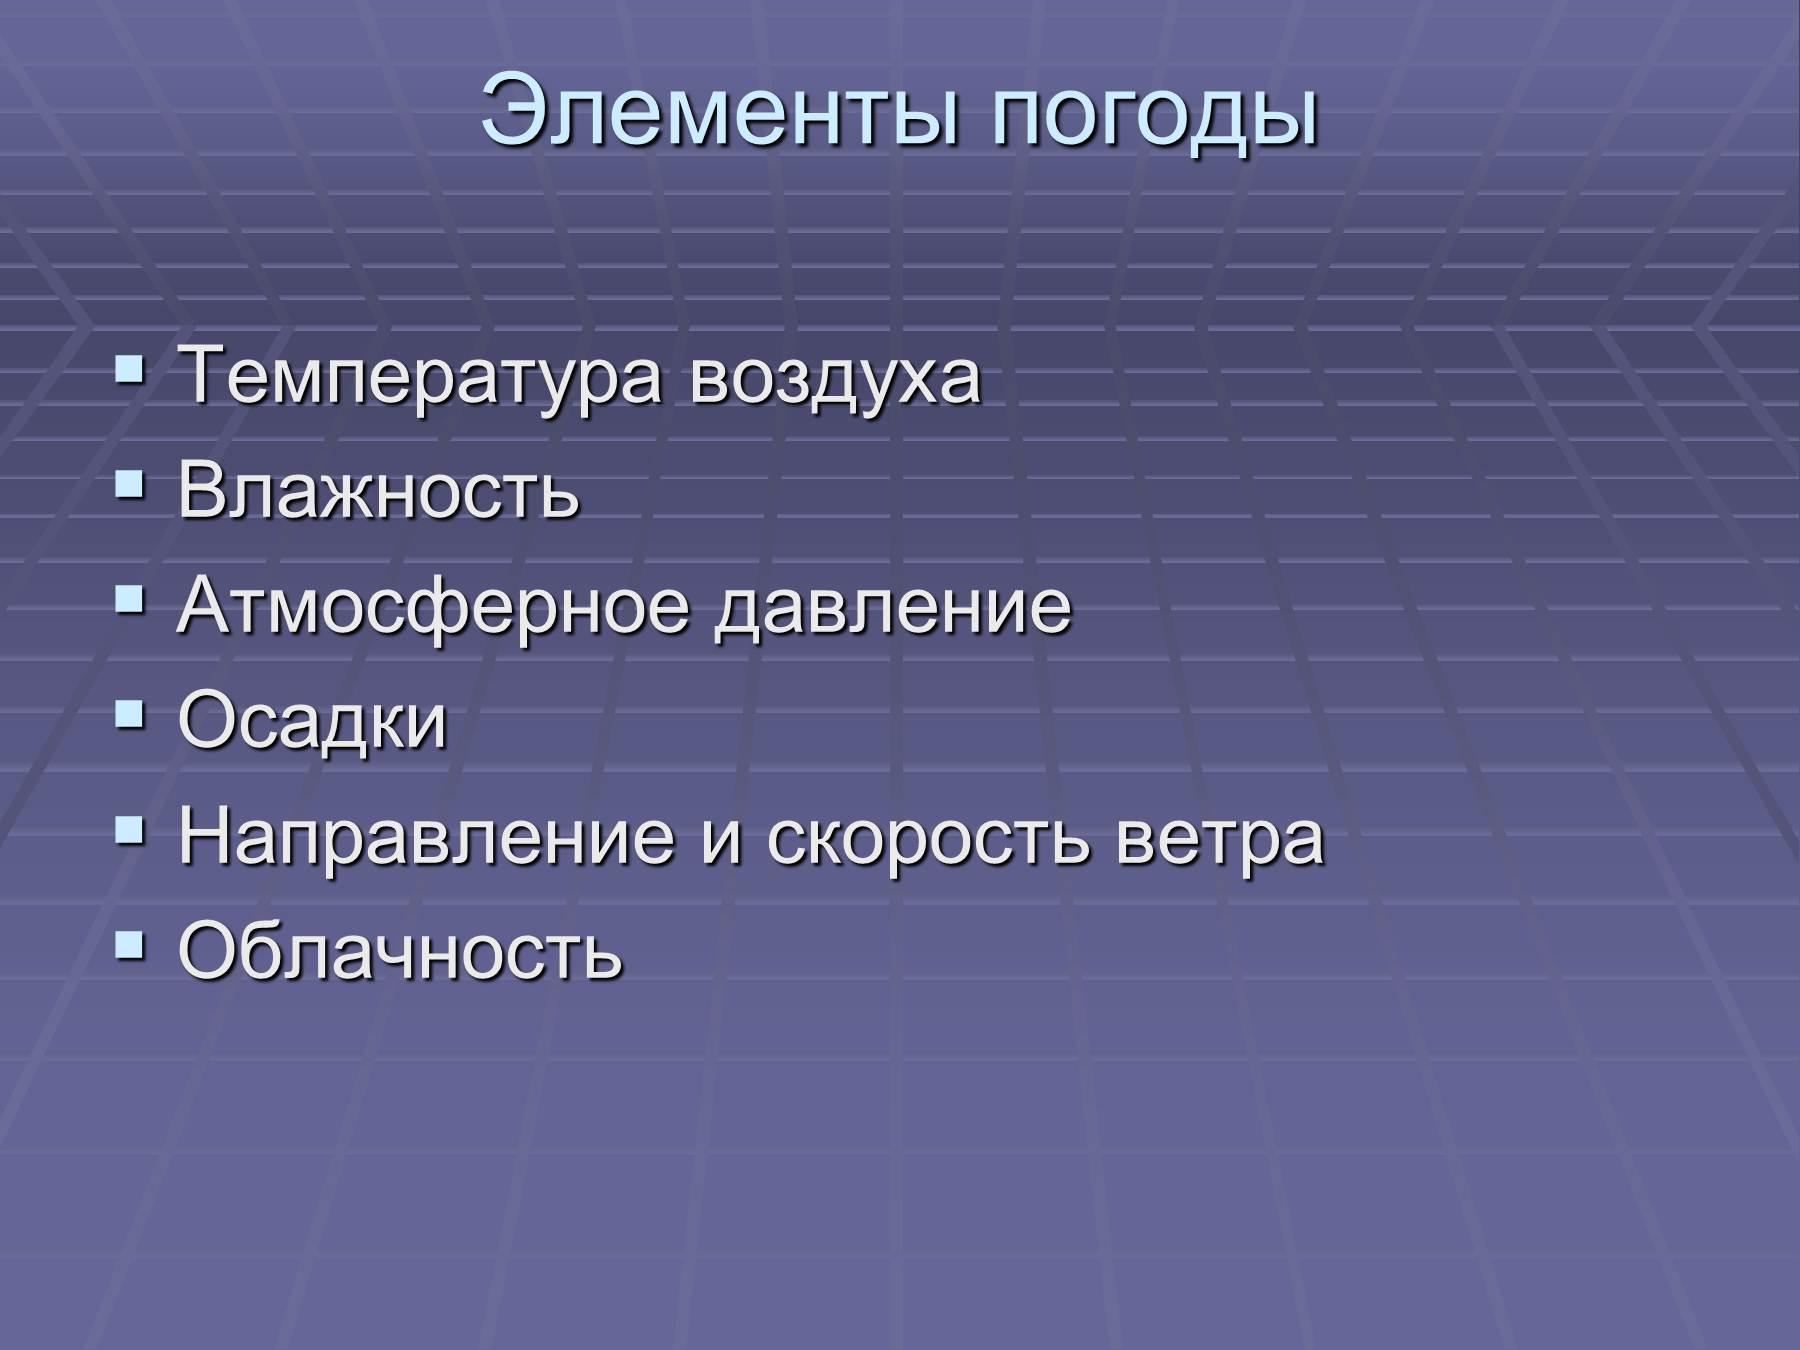 pogoda-i-klimat-prezentatsiya-6-klass